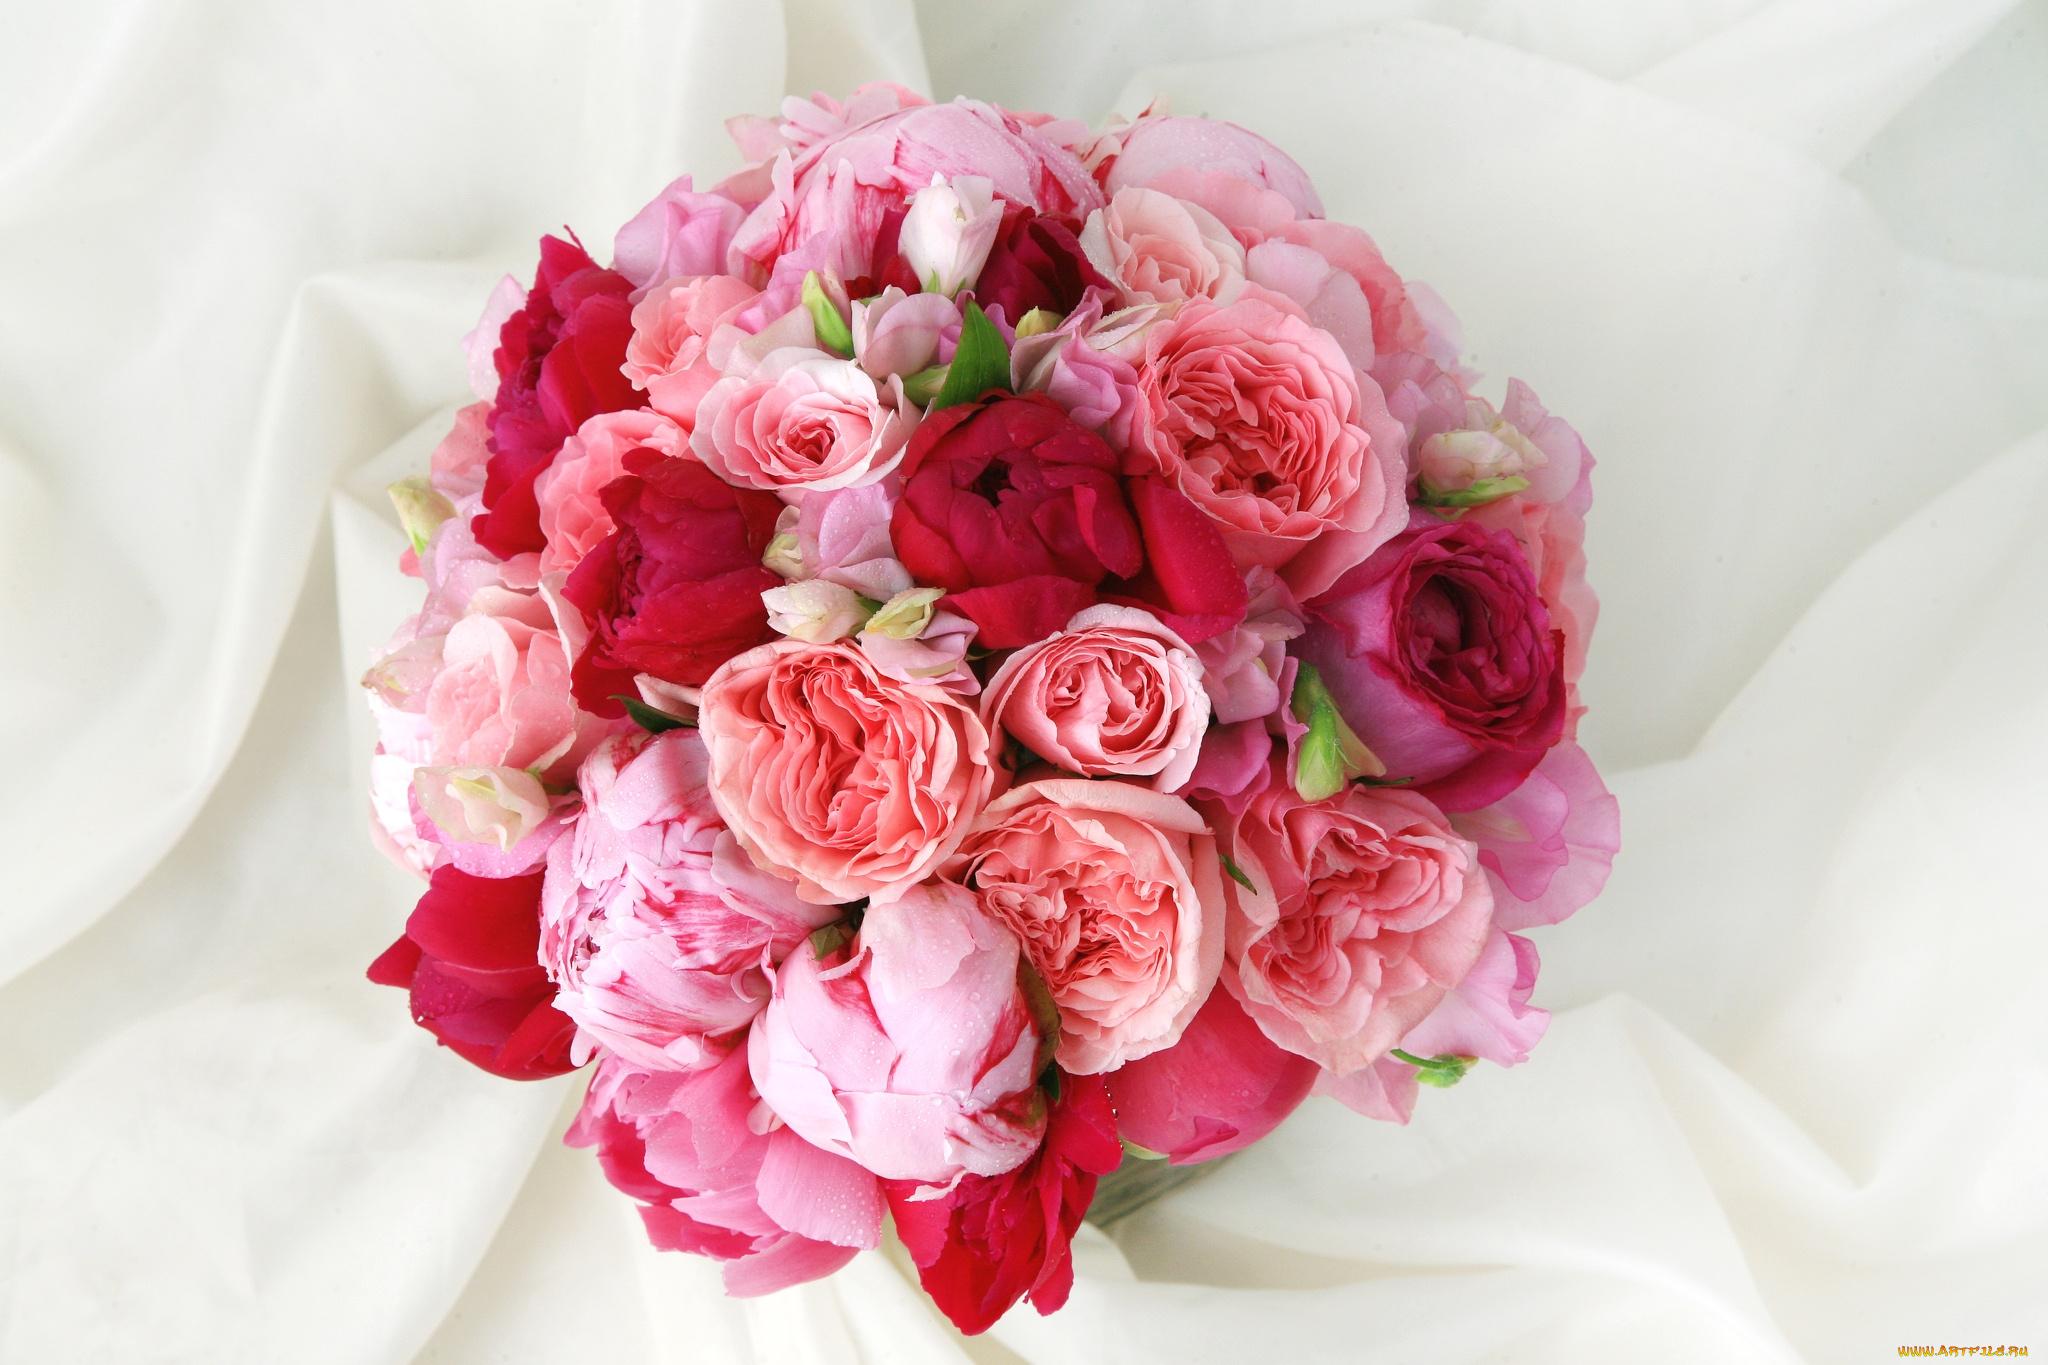 Днем рождения, пионы и розы картинки